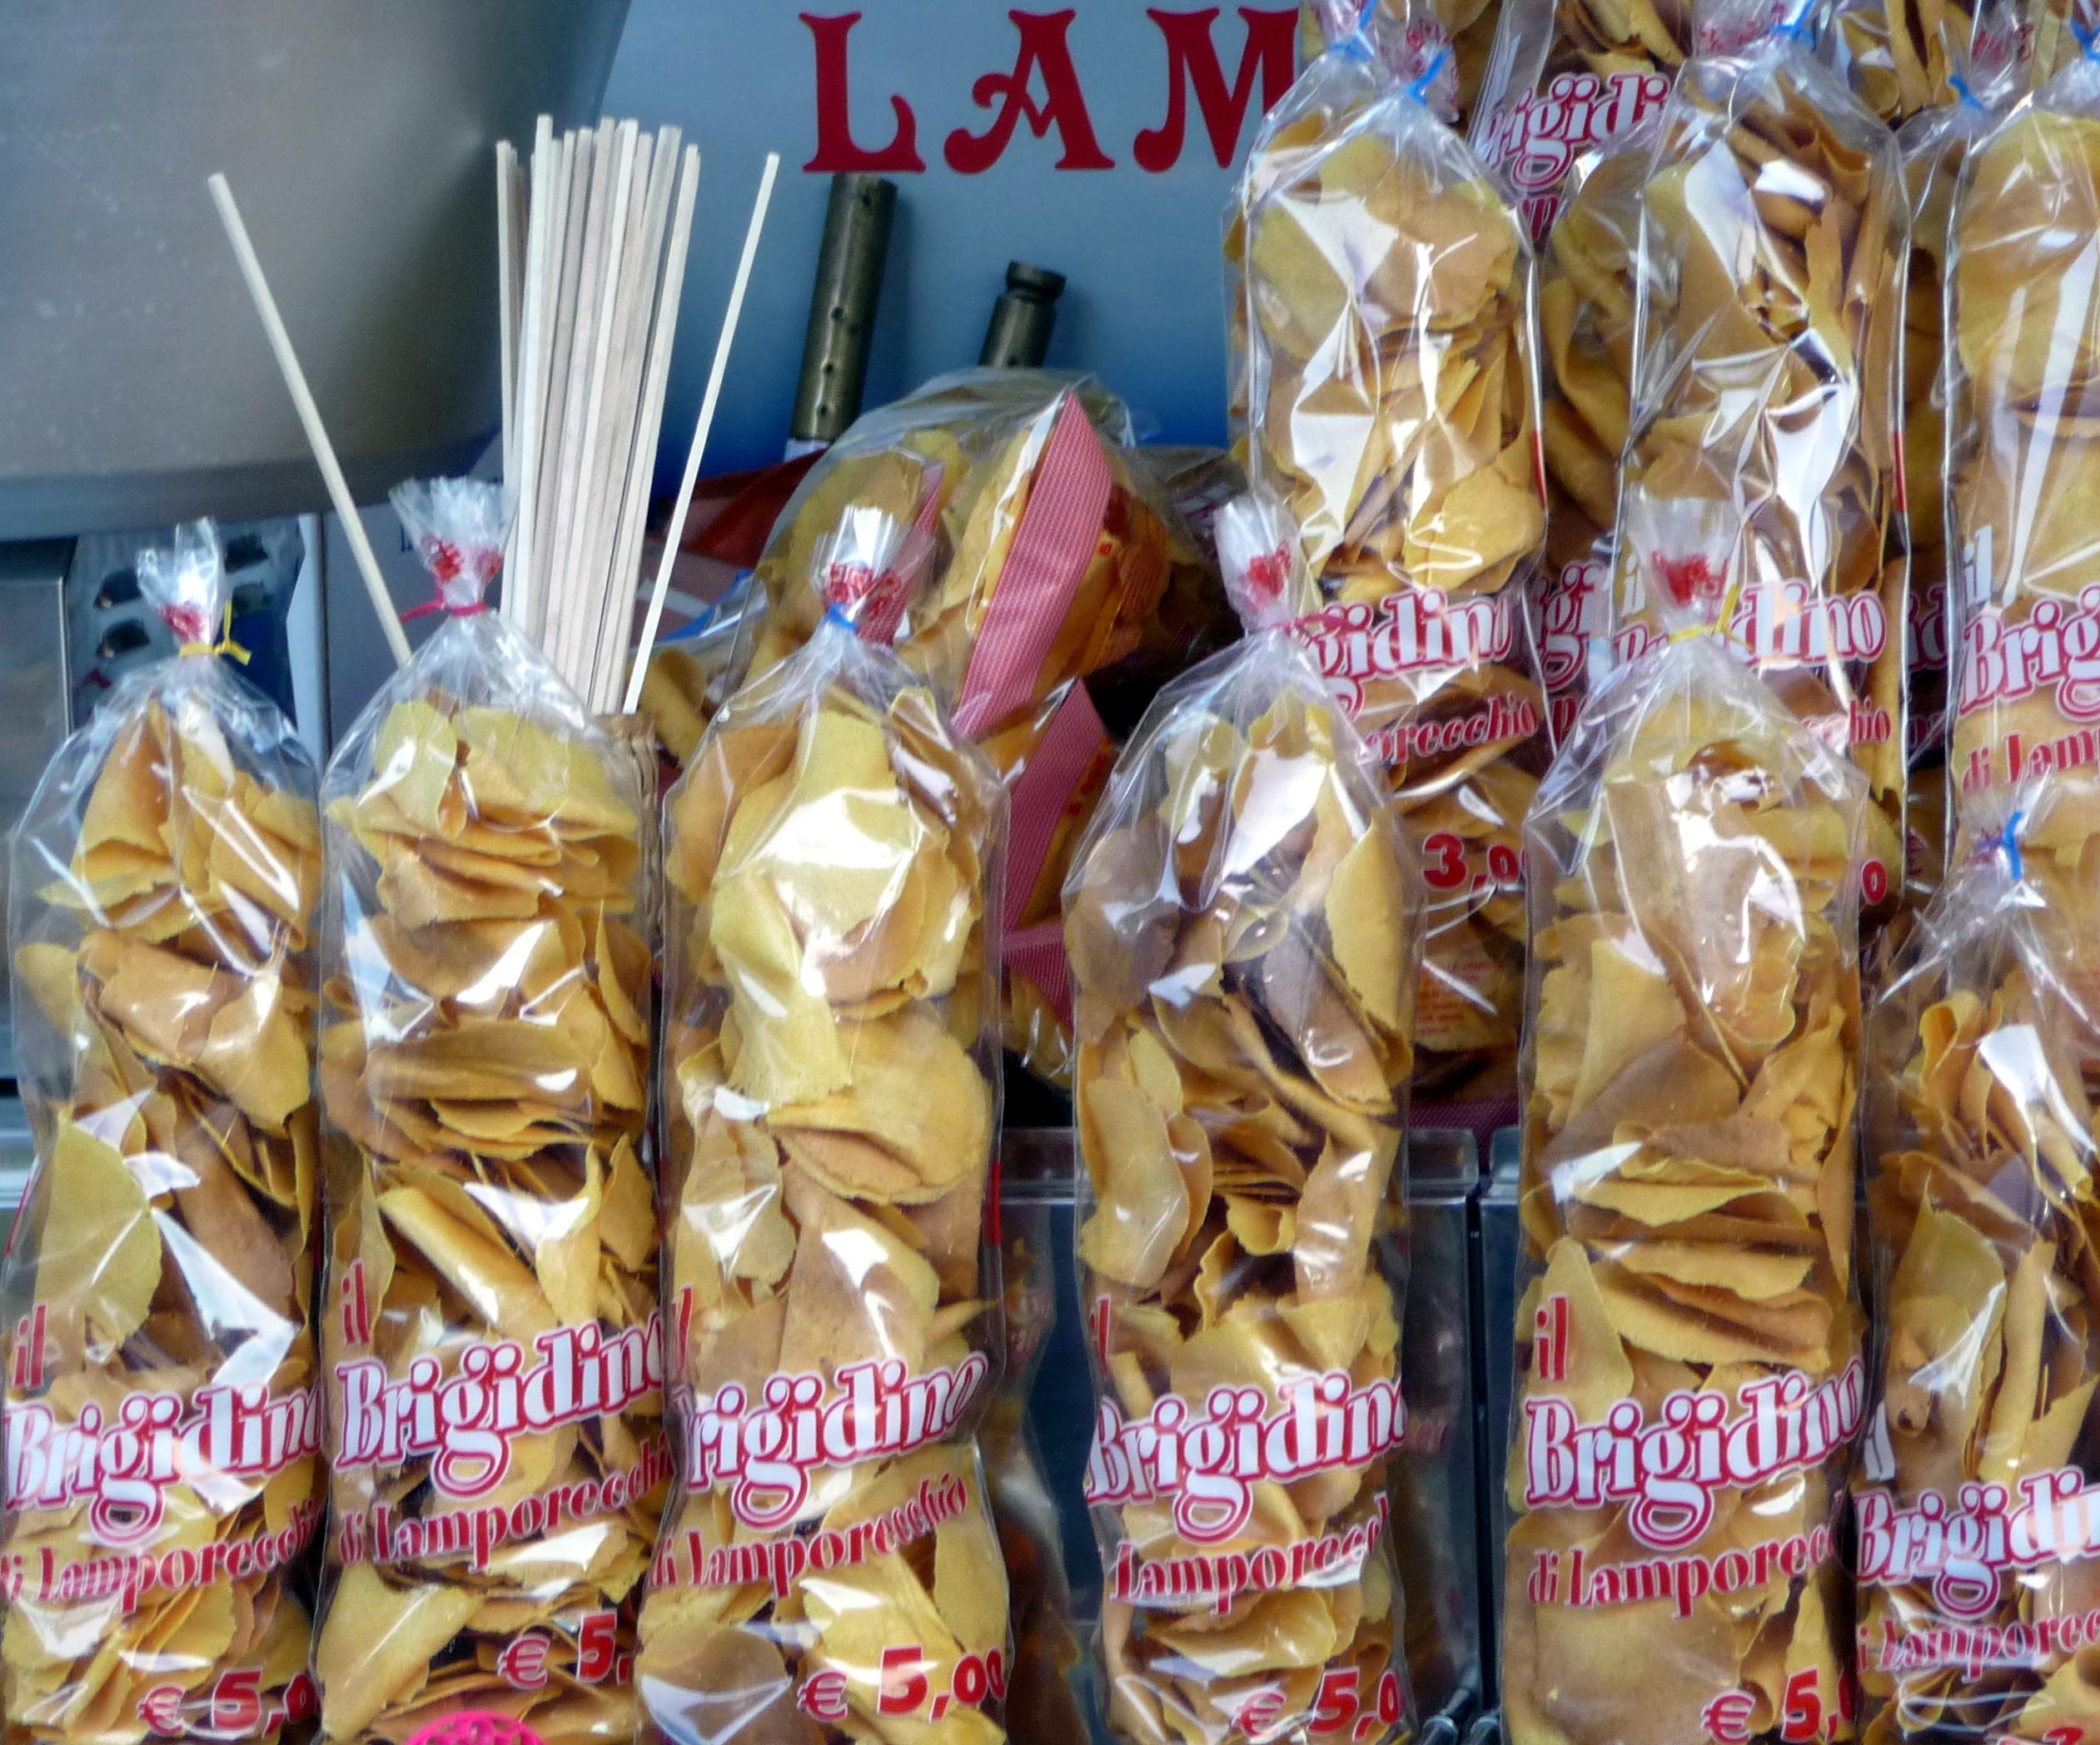 o sacos de Brigidini na feira